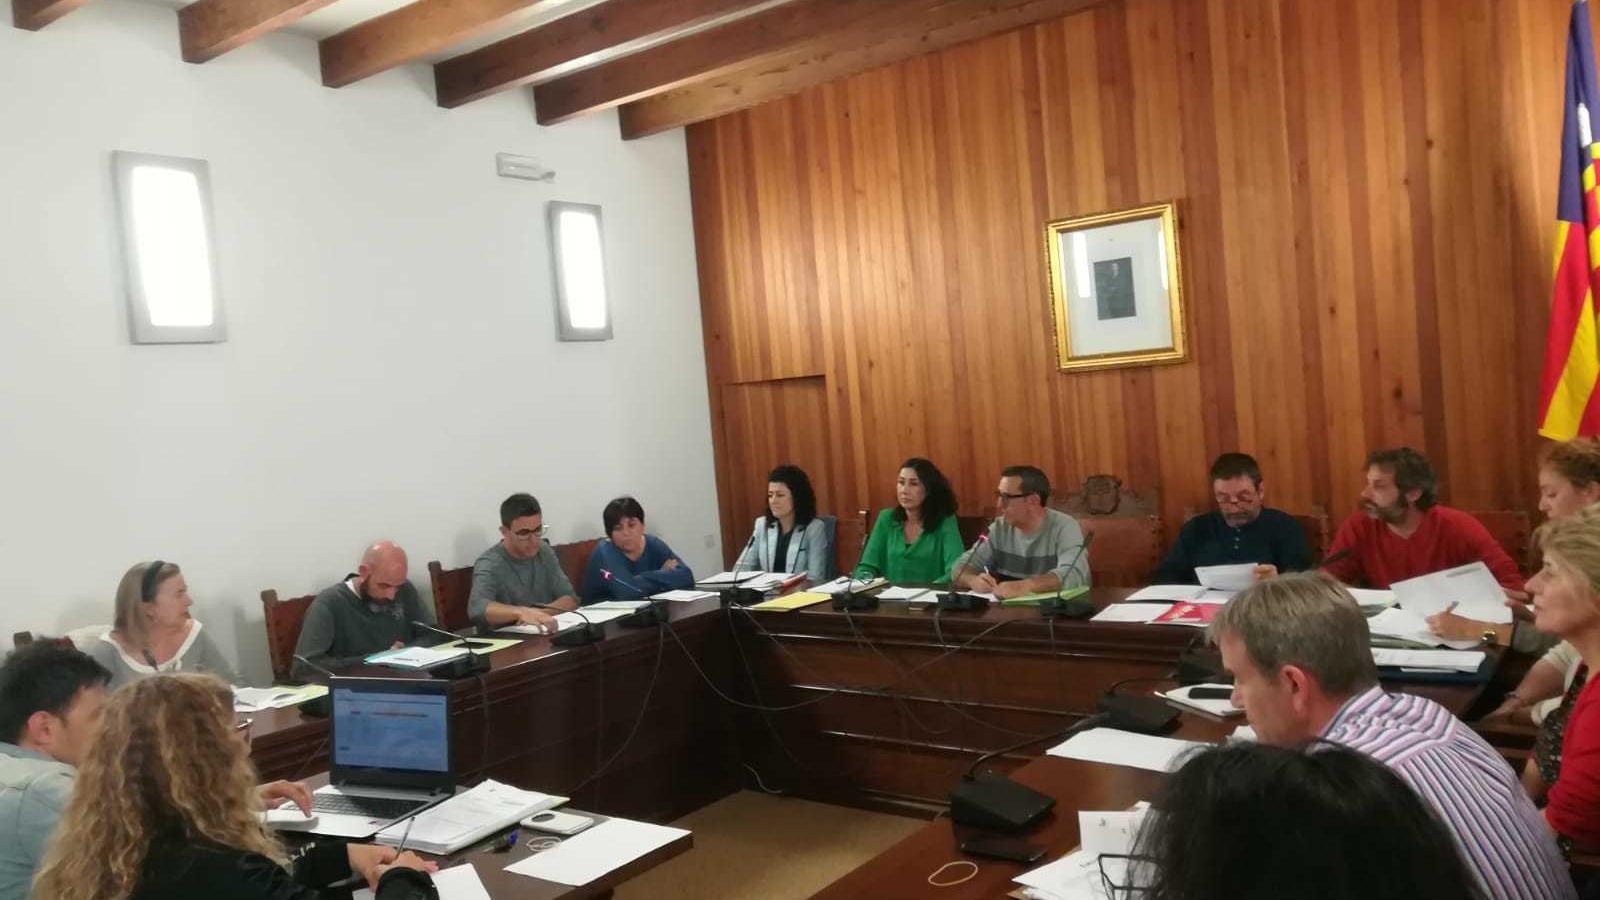 Darrera reunió del consistori en què s'aprova la liquidació del pressupost de l'any passat.